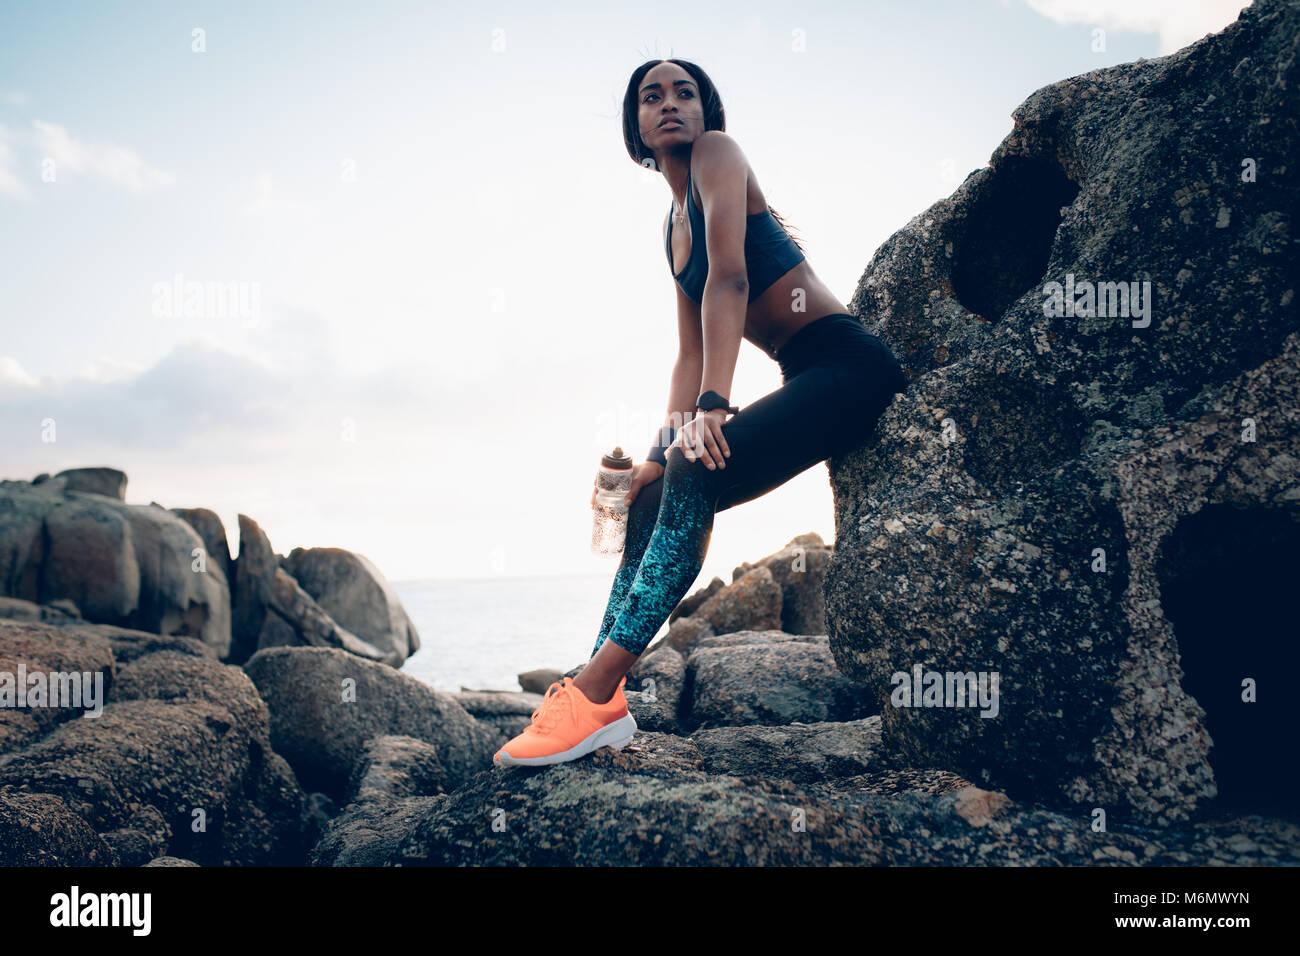 Femme africaine en bonne santé avec une bouteille d'eau assis sur un rocher. Femme se détendre après l'exercice en plein air. Banque D'Images